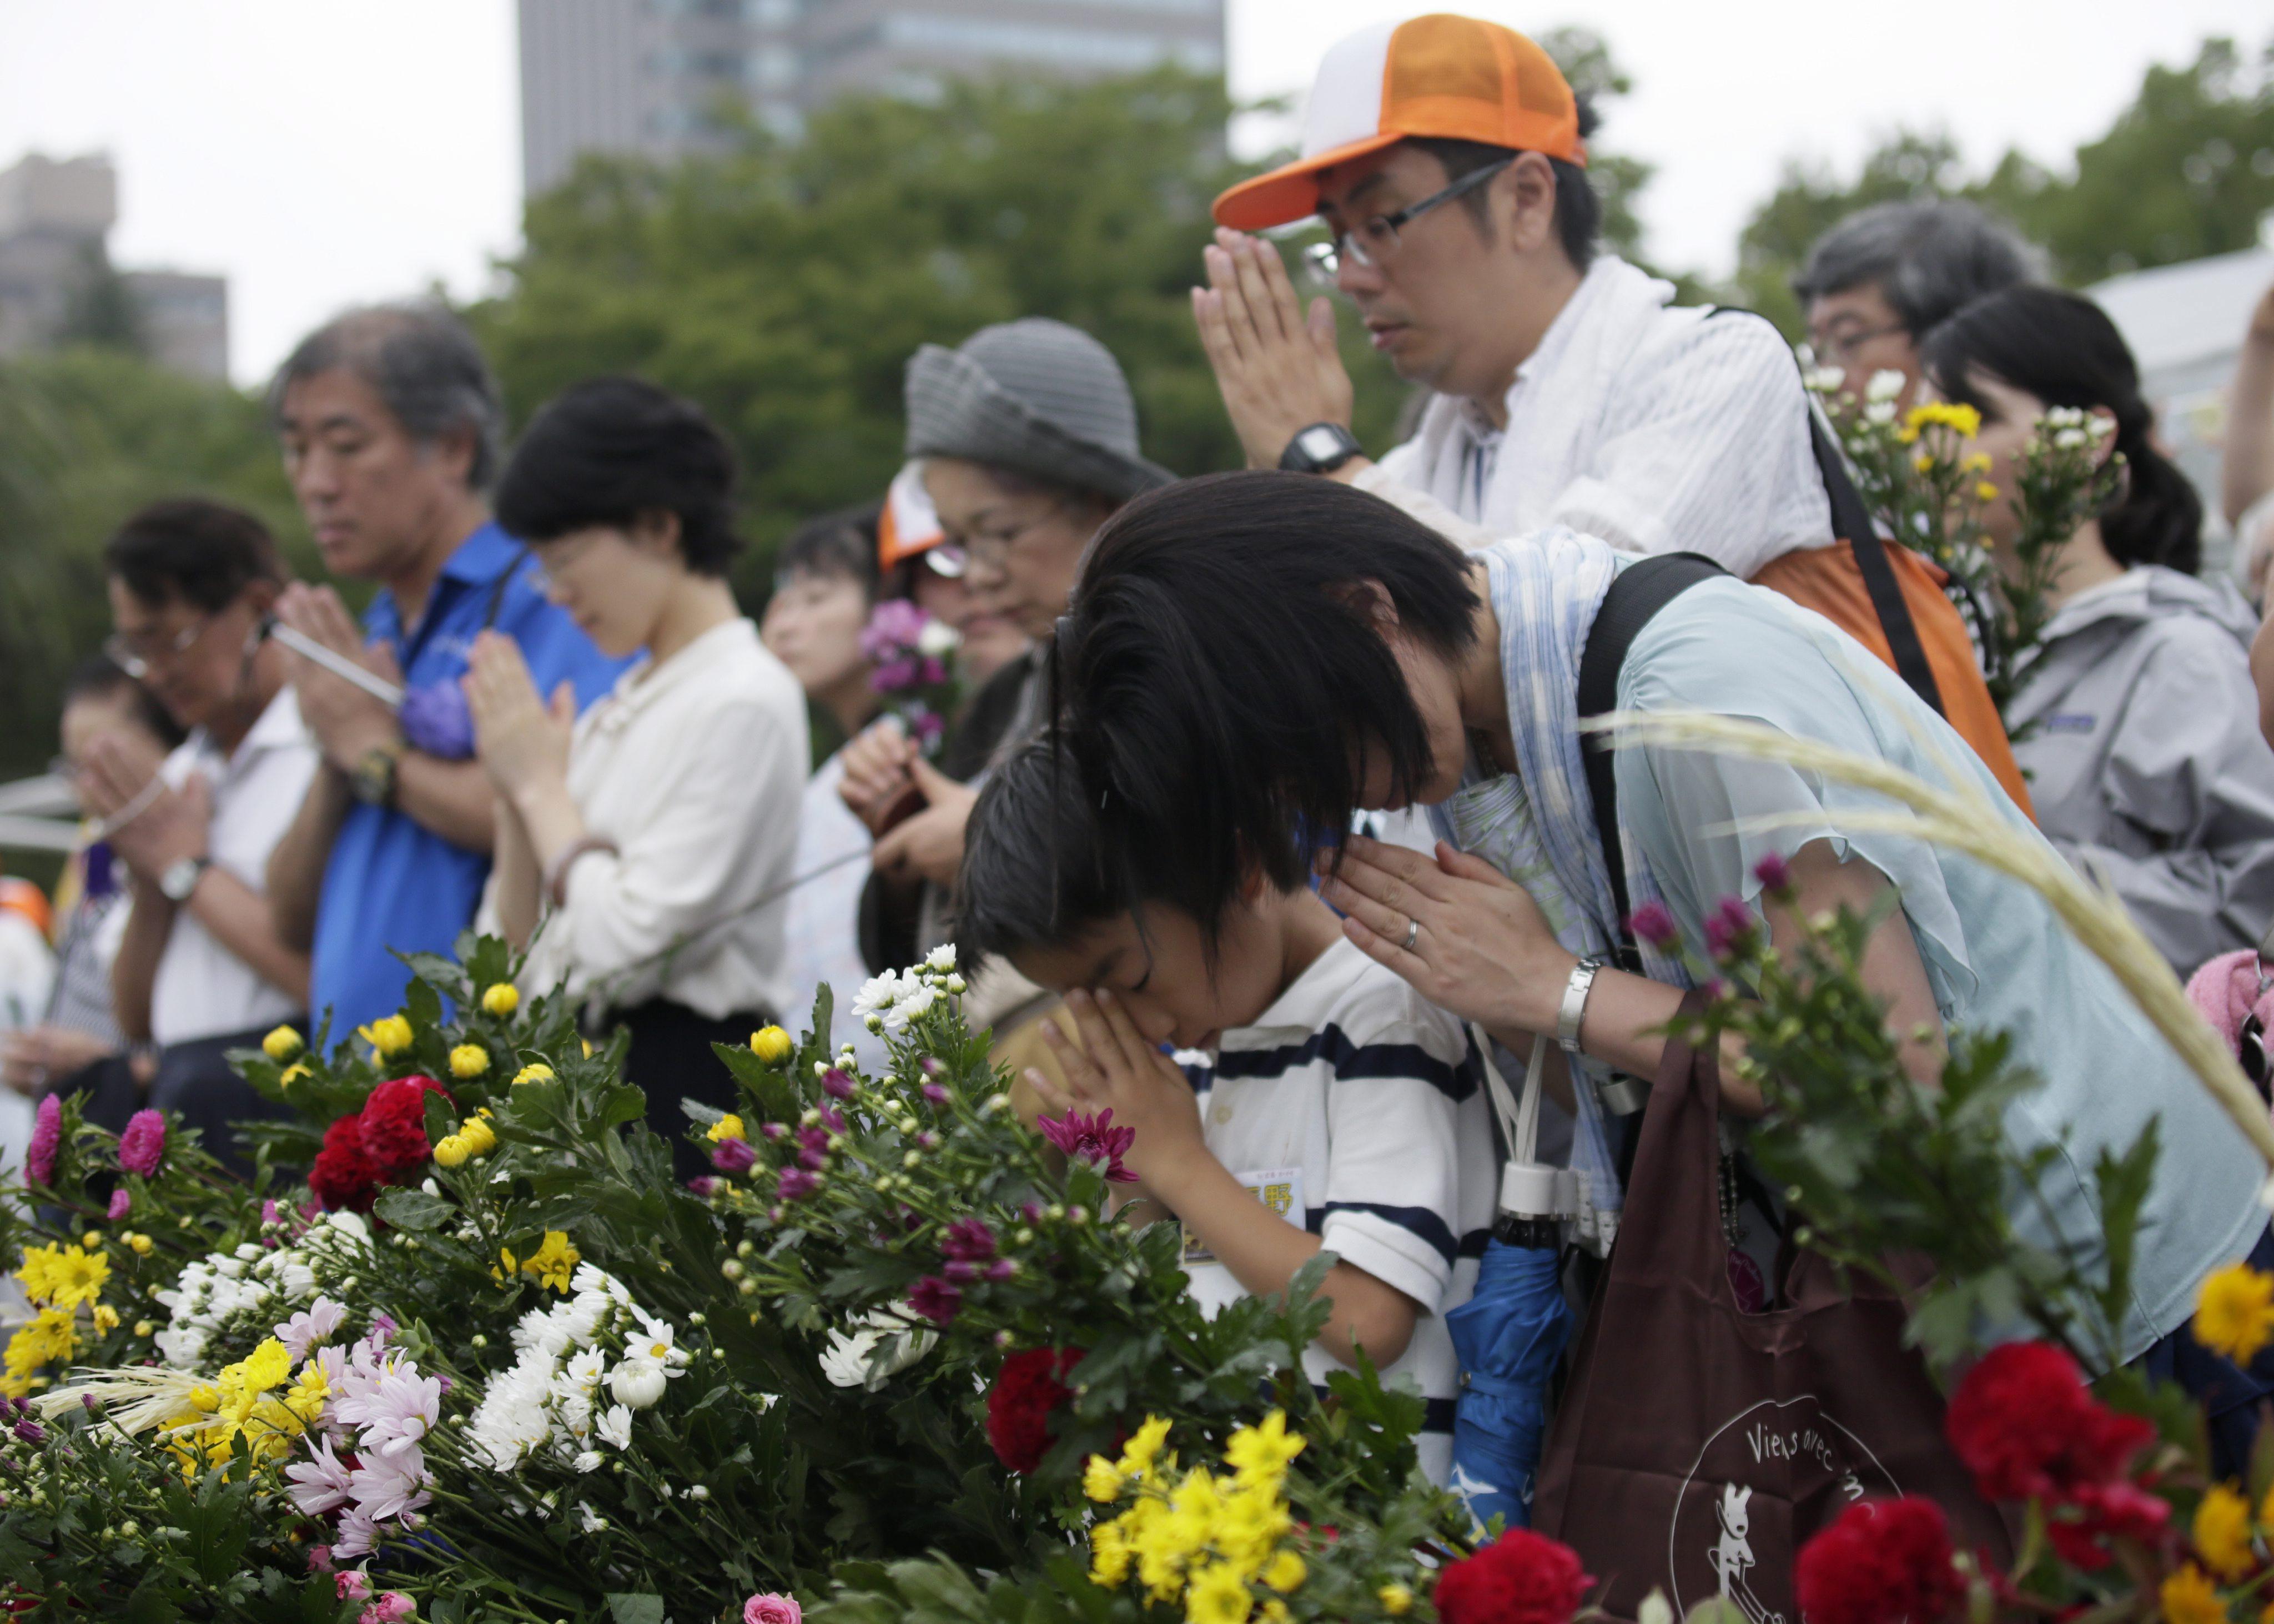 Мероприятия по случаю 69-й годовщины атомной бомбардировки Хиросимы